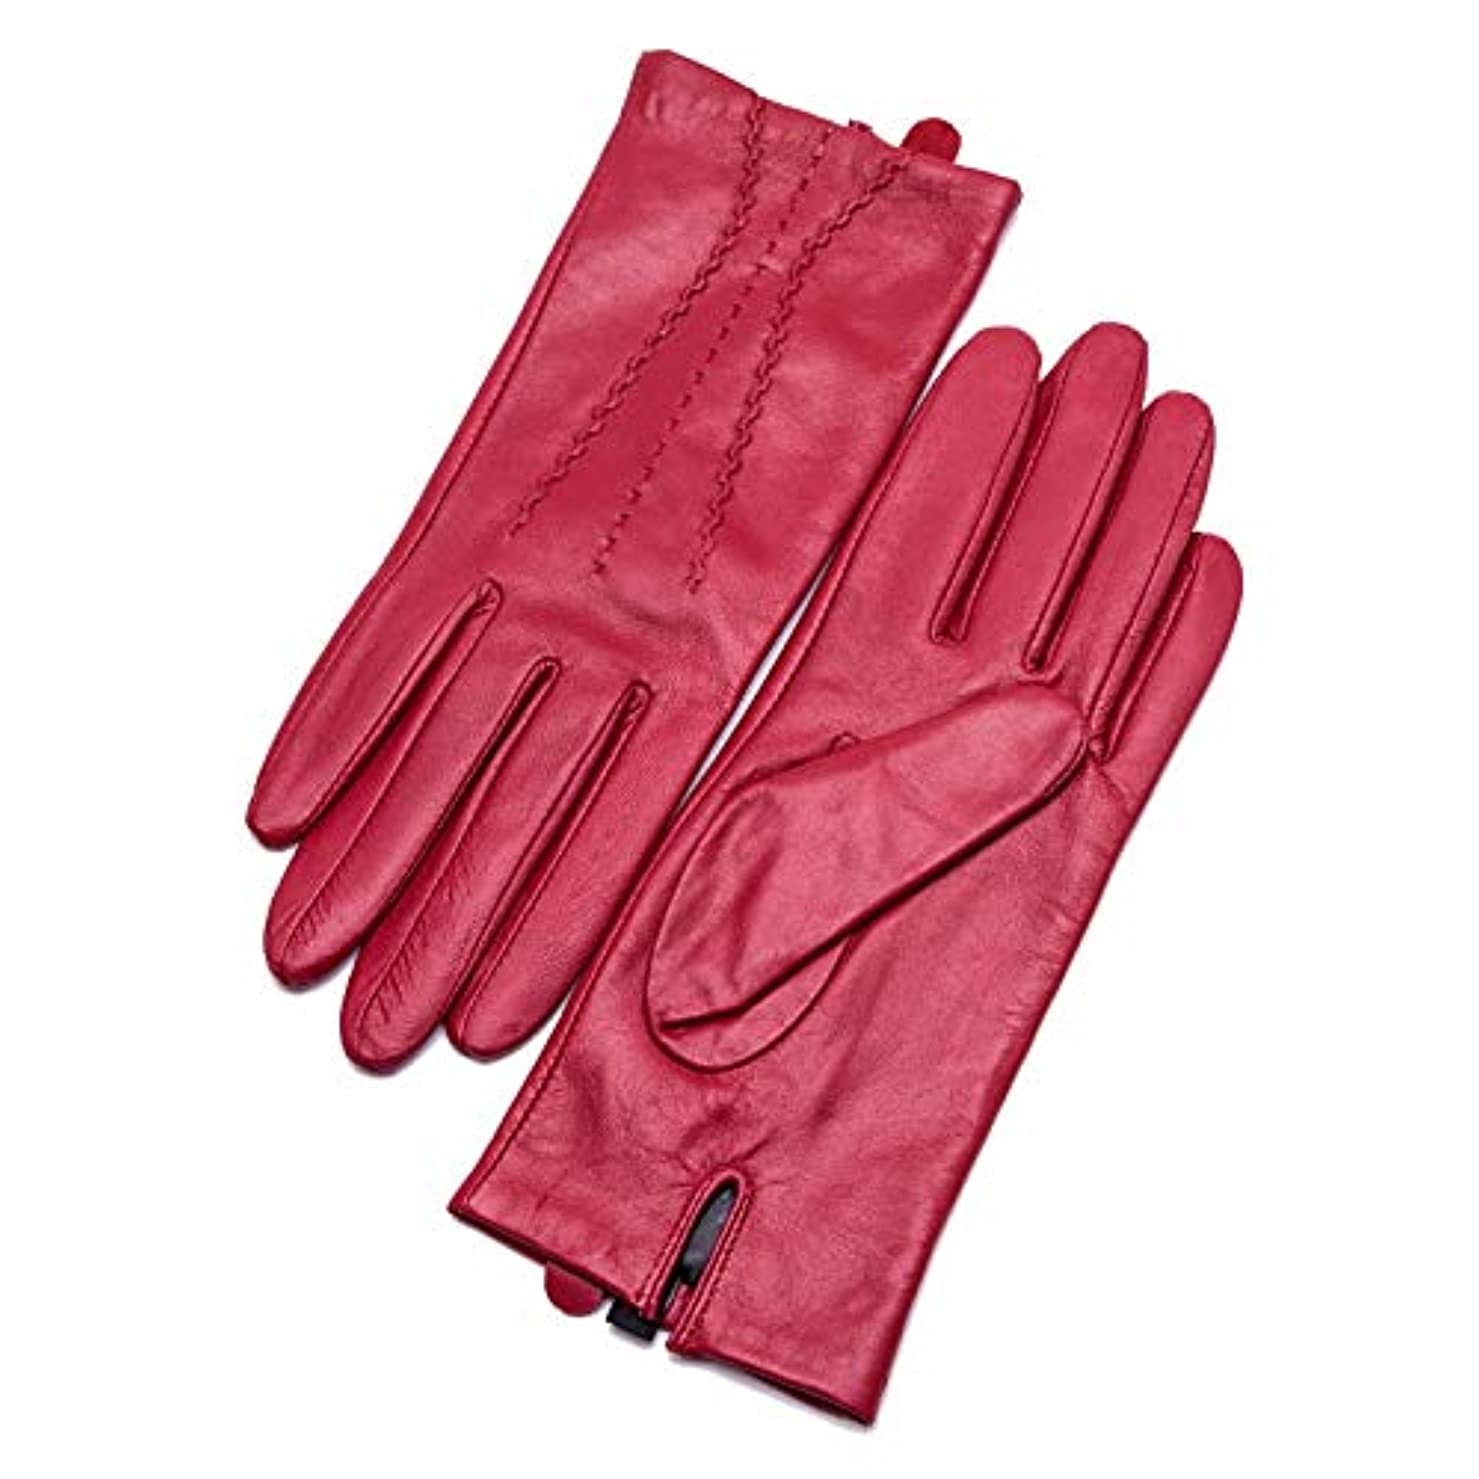 リング意欲出口BAJIMI 手袋 グローブ レディース/メンズ ハンド ケア レザーグローブレディース薄手ライディングウィンドグローブ 裏起毛 おしゃれ 手触りが良い 運転 耐磨耗性 換気性